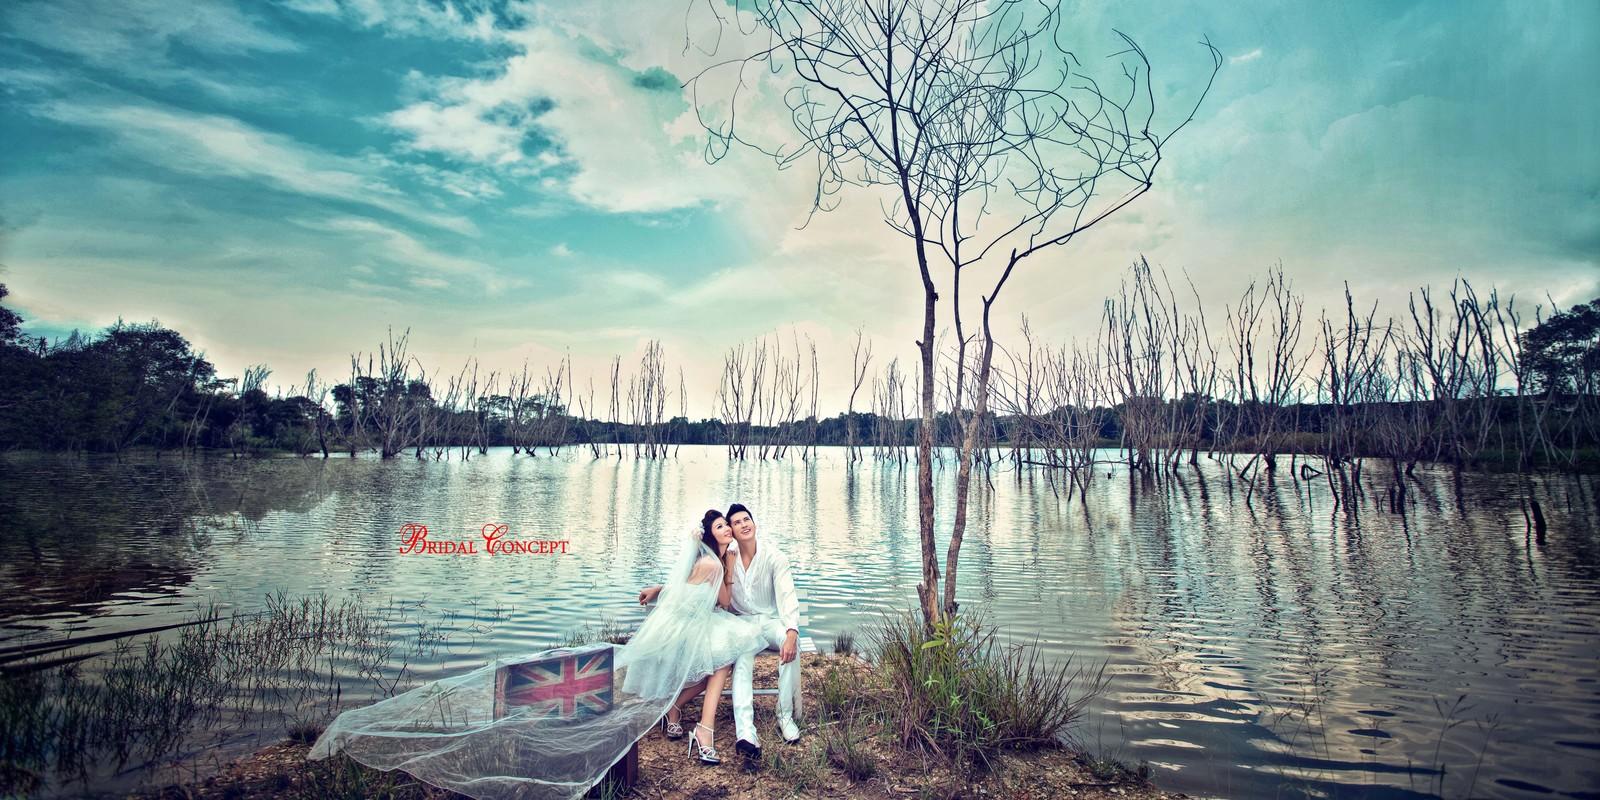 Bridal Concept